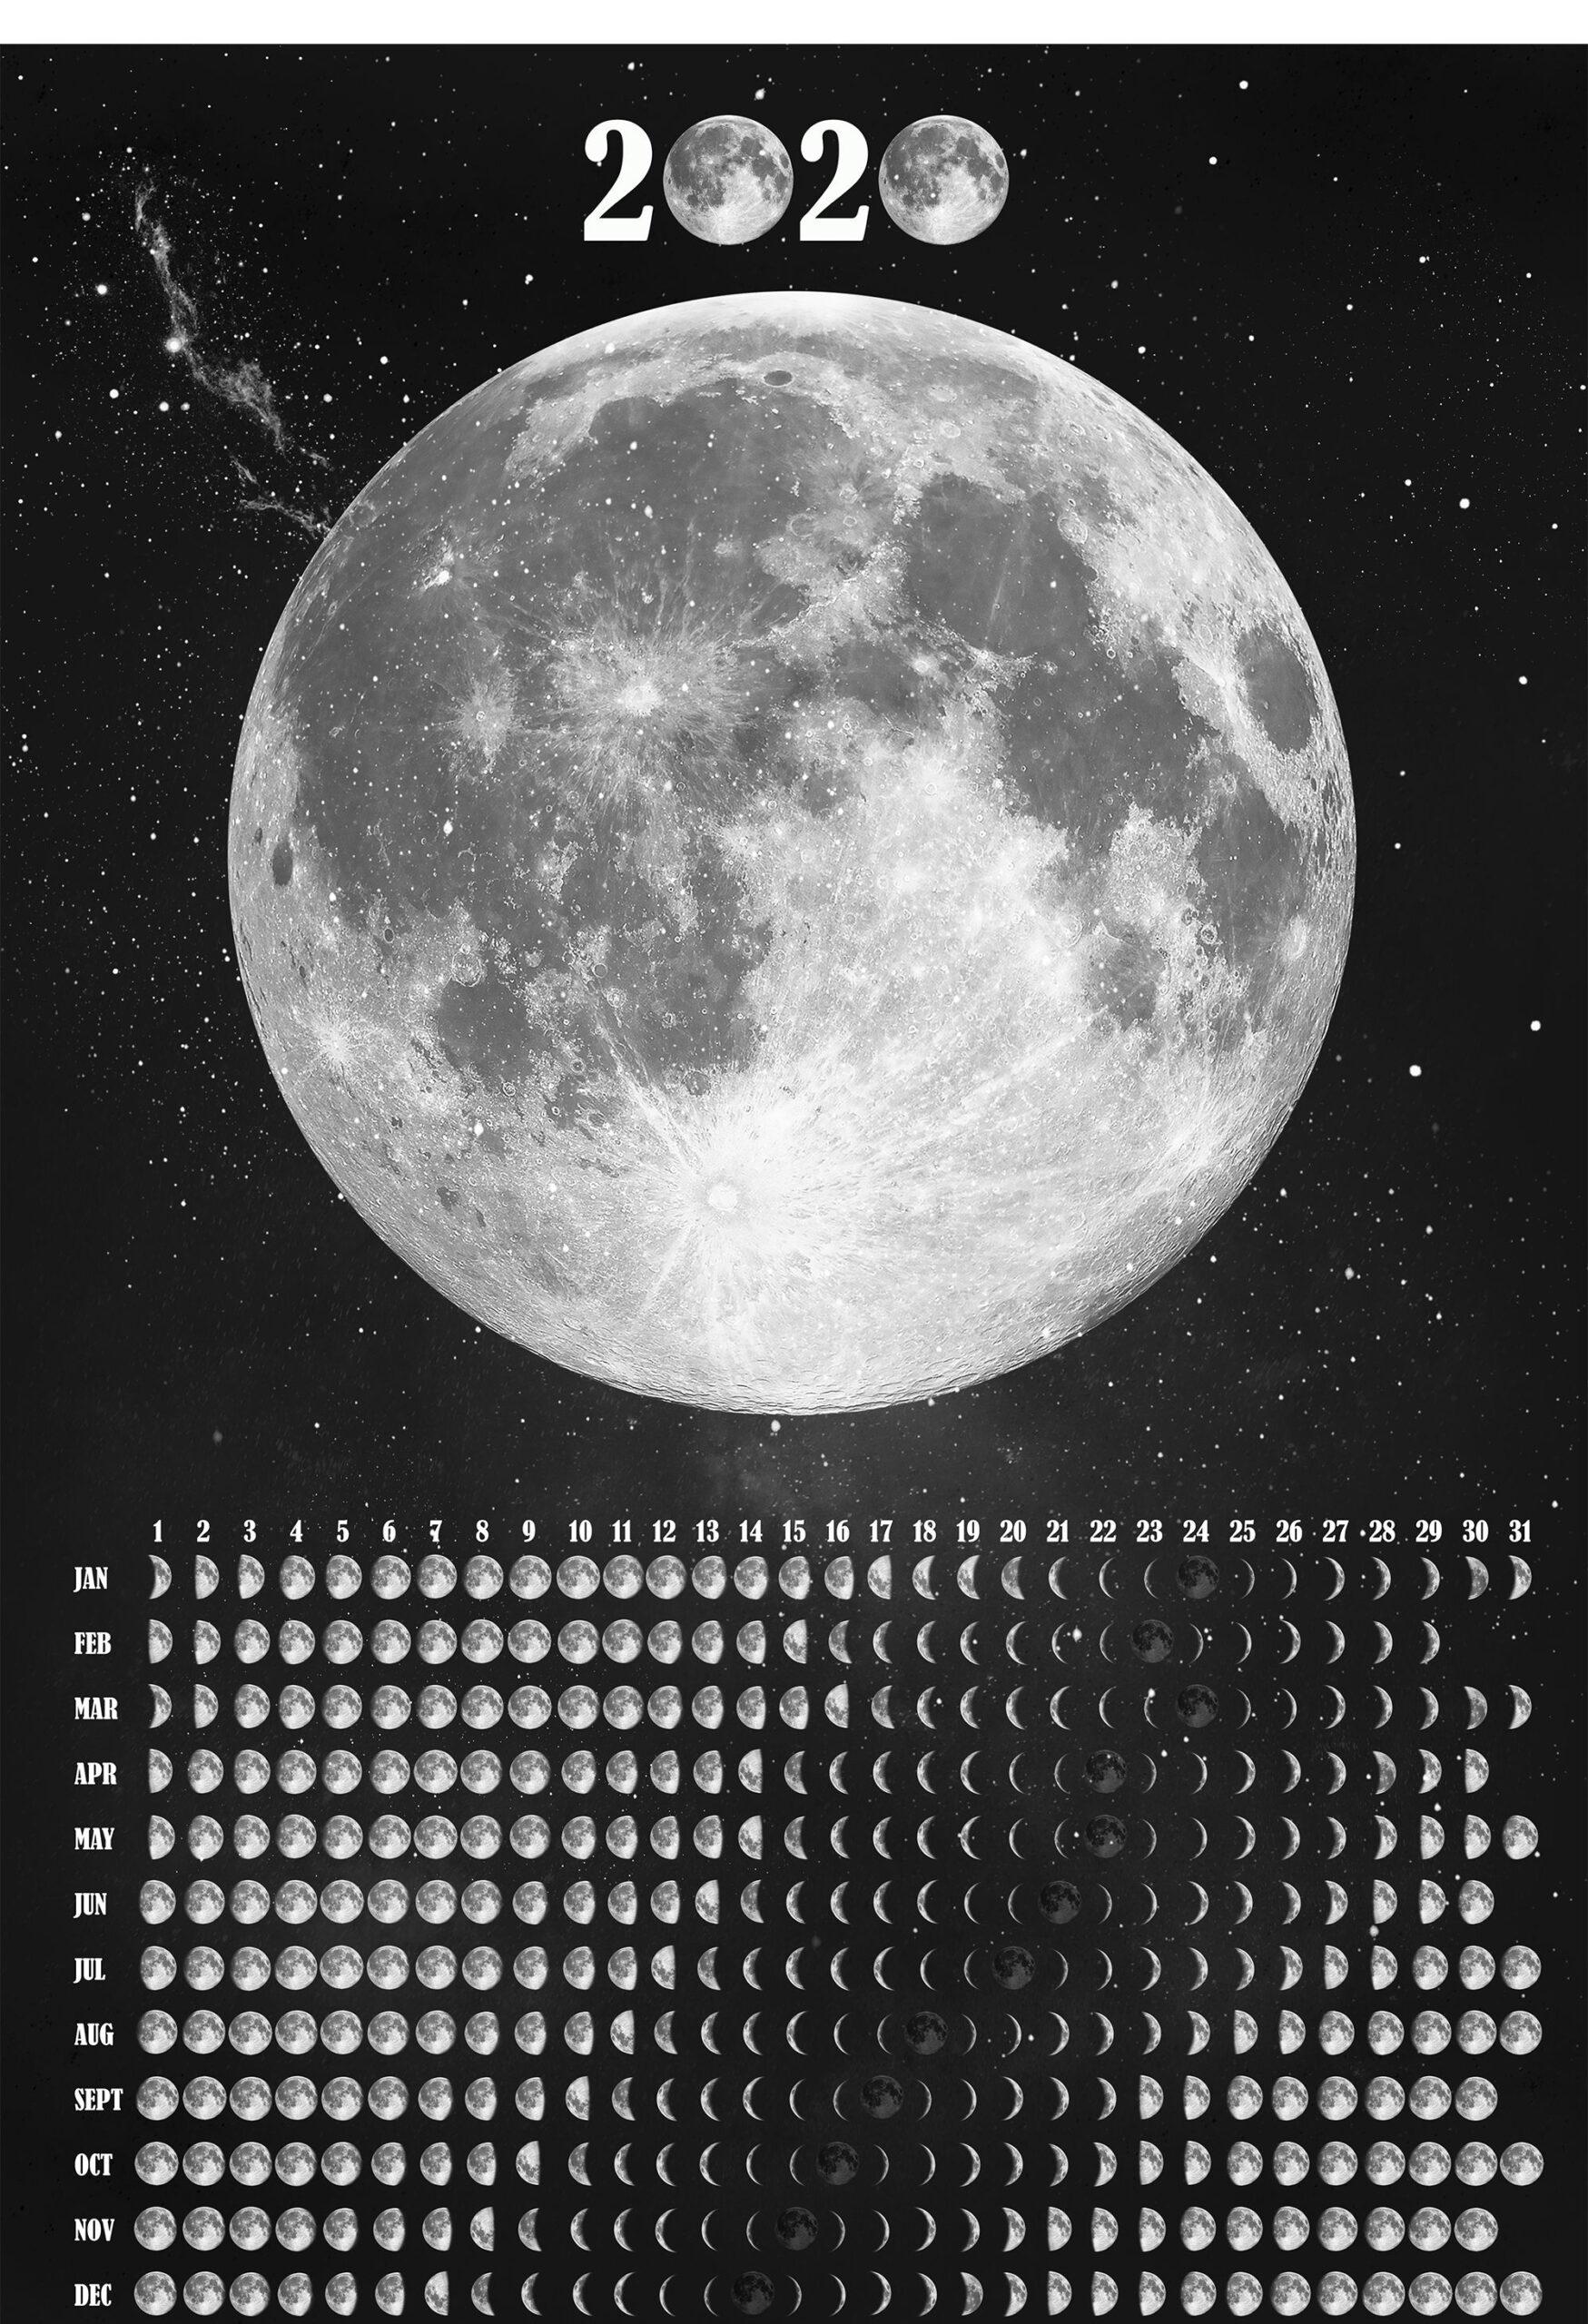 Moon Phases Wall Calendar 2021 Lunar Calendar Moon Phase with Full Moon Calendar 2021 Printable